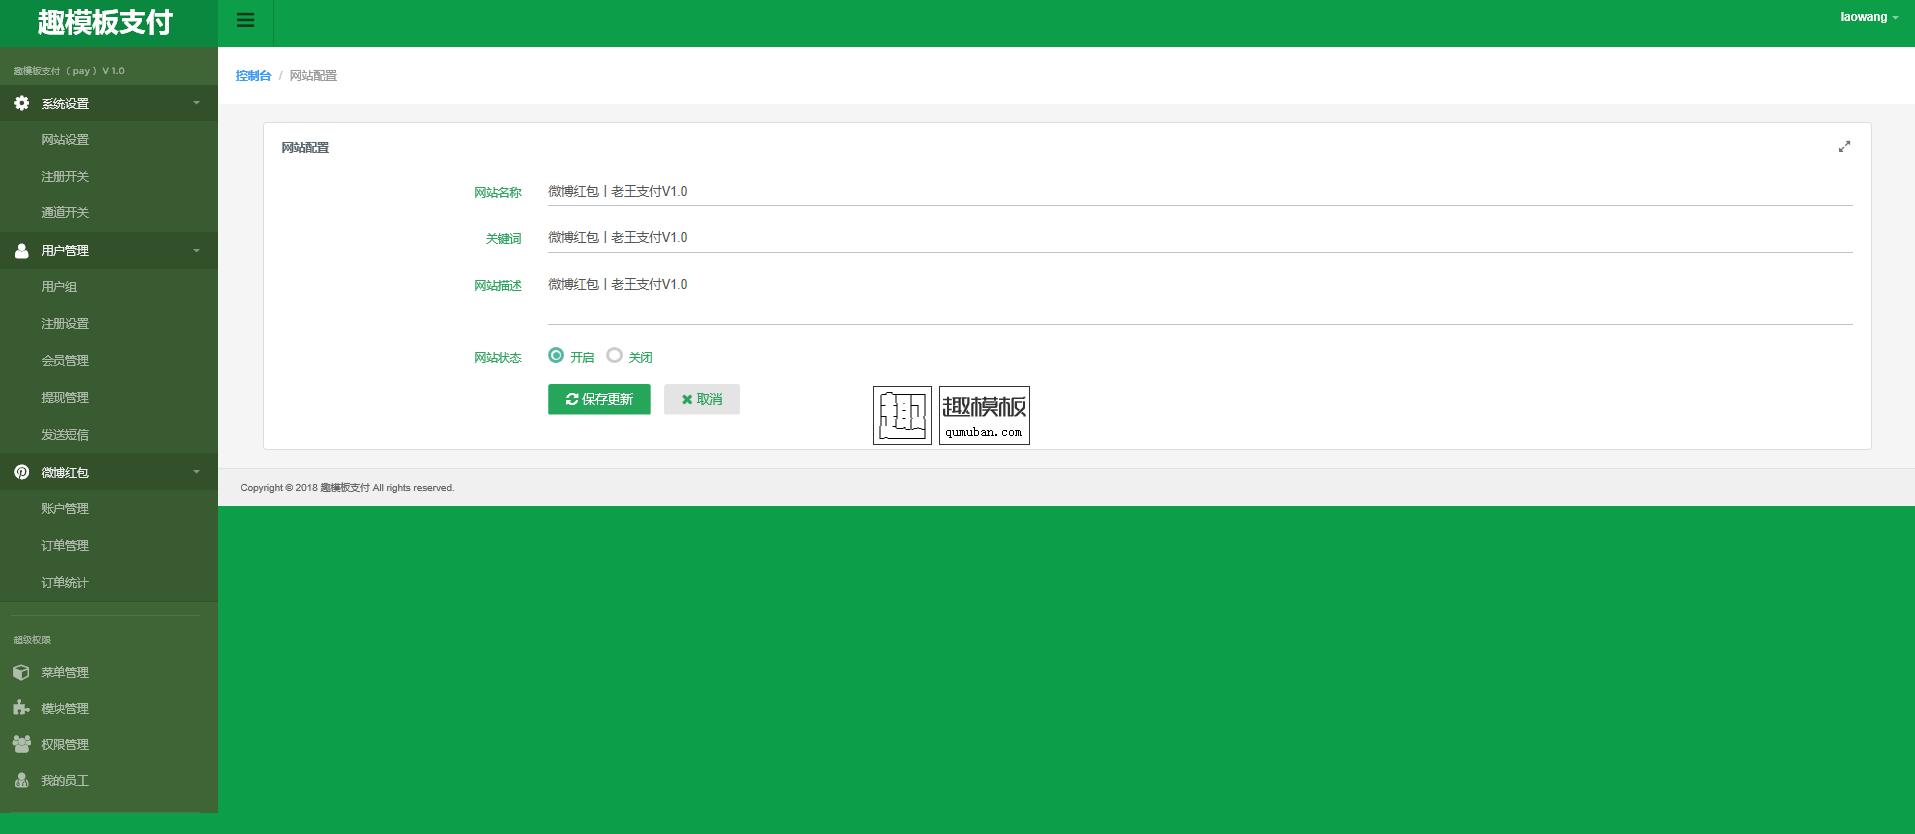 微博红包 火山支付 支付系统 无需监控回调|PHP协议监控 亲测源码 网站源码 第3张